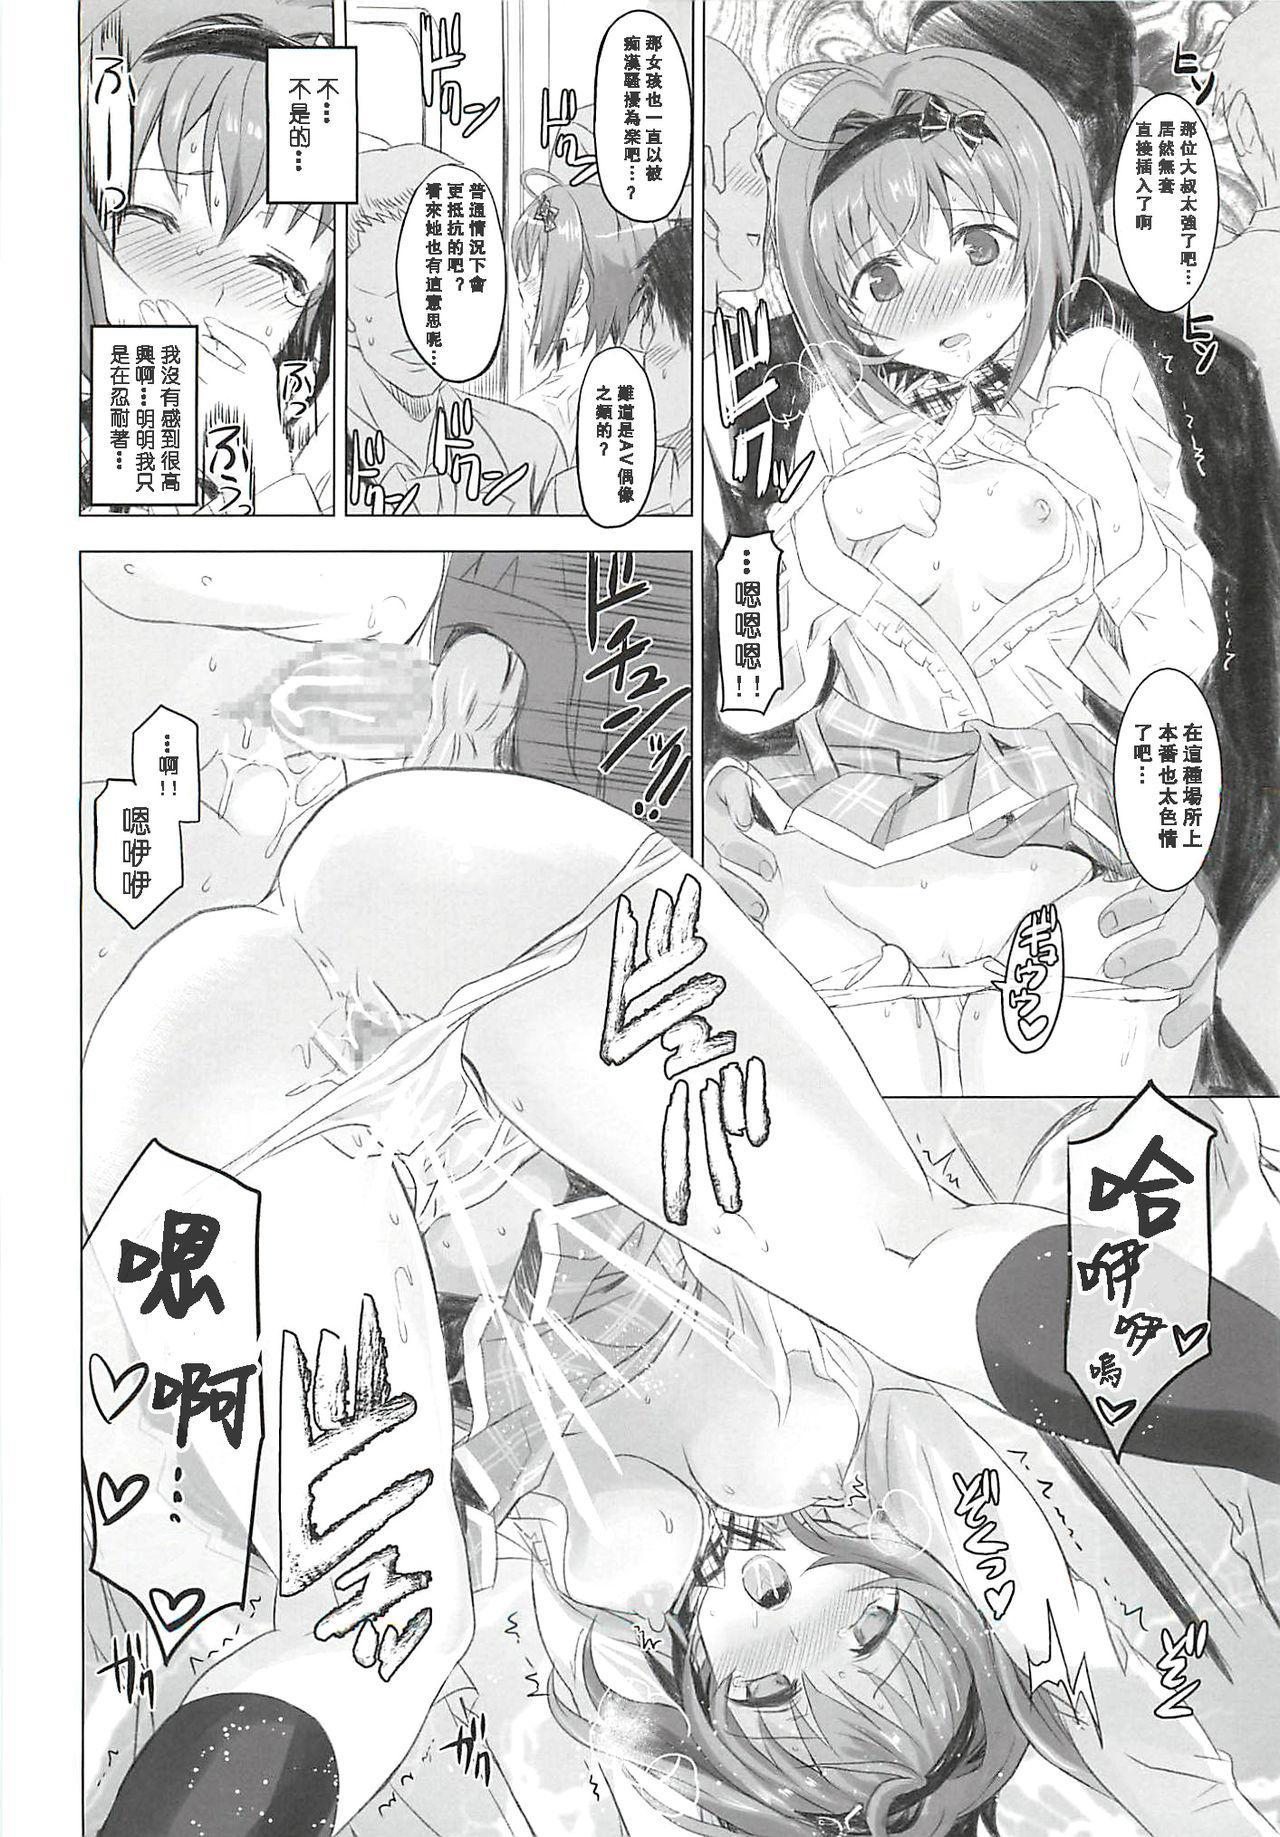 Binkan Sugiru Miho-chan no Yuuutsu 14